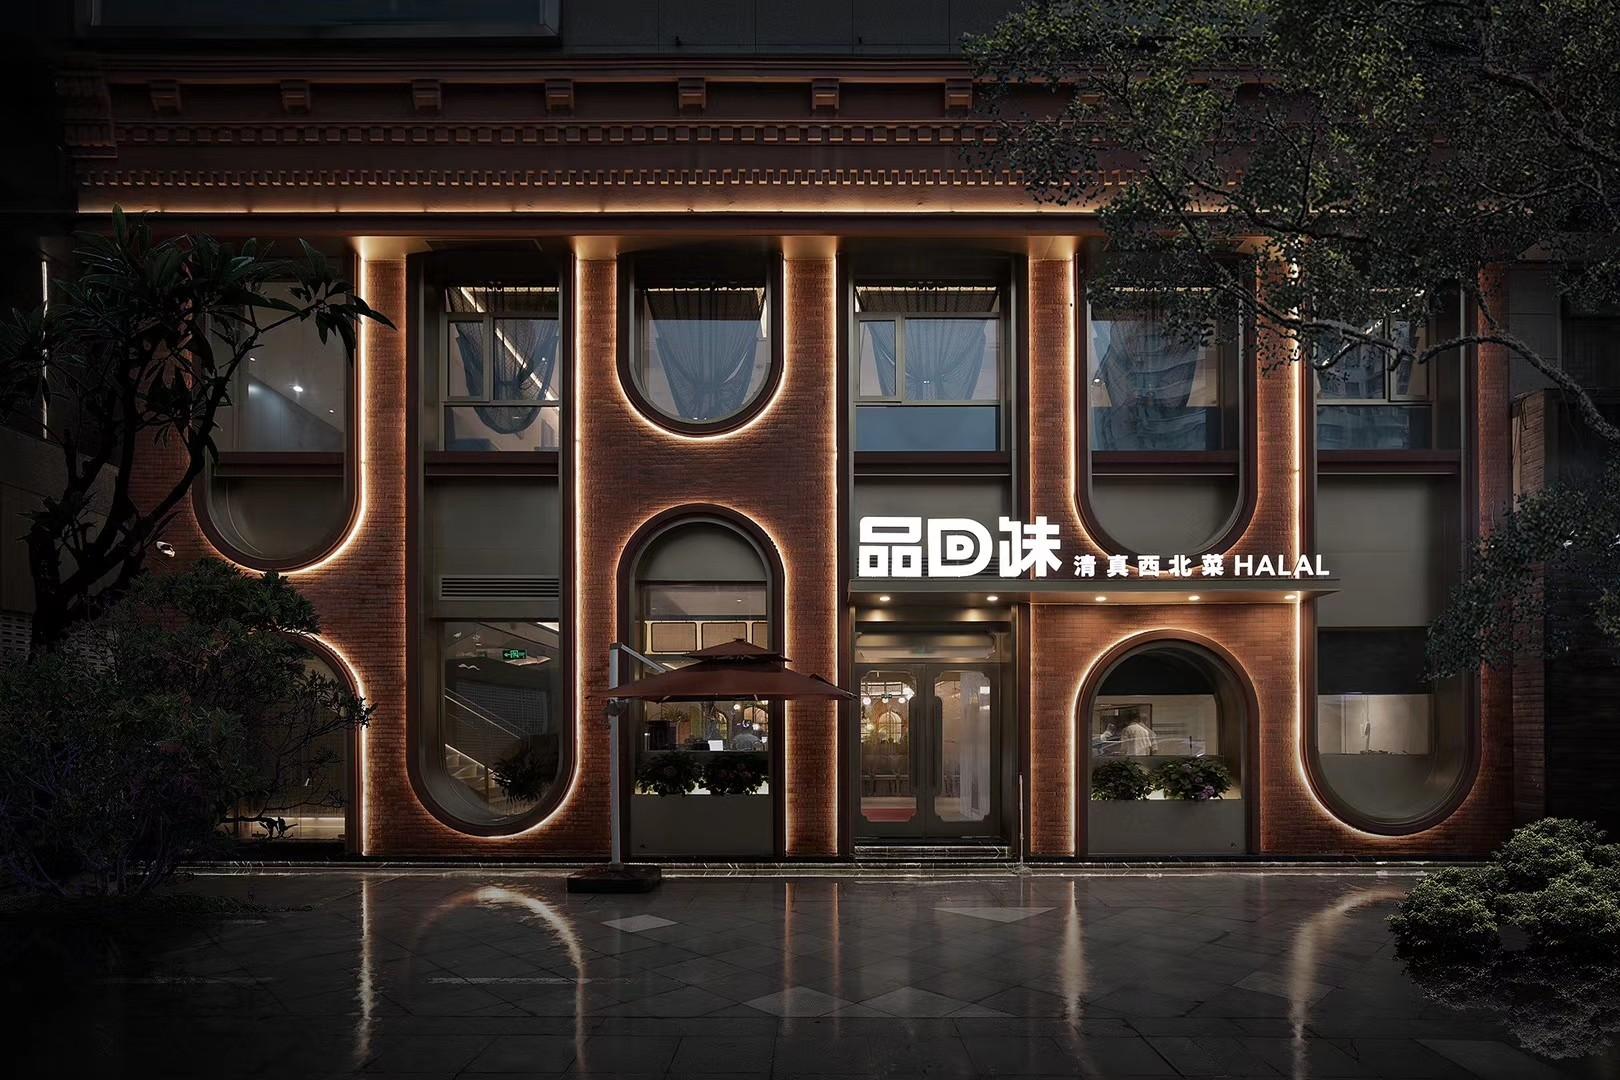 品味回西北菜餐厅设计-杭州餐厅设计-杭州达岸品牌策划设计公司2ed25b6181bb978c748acf510411707d